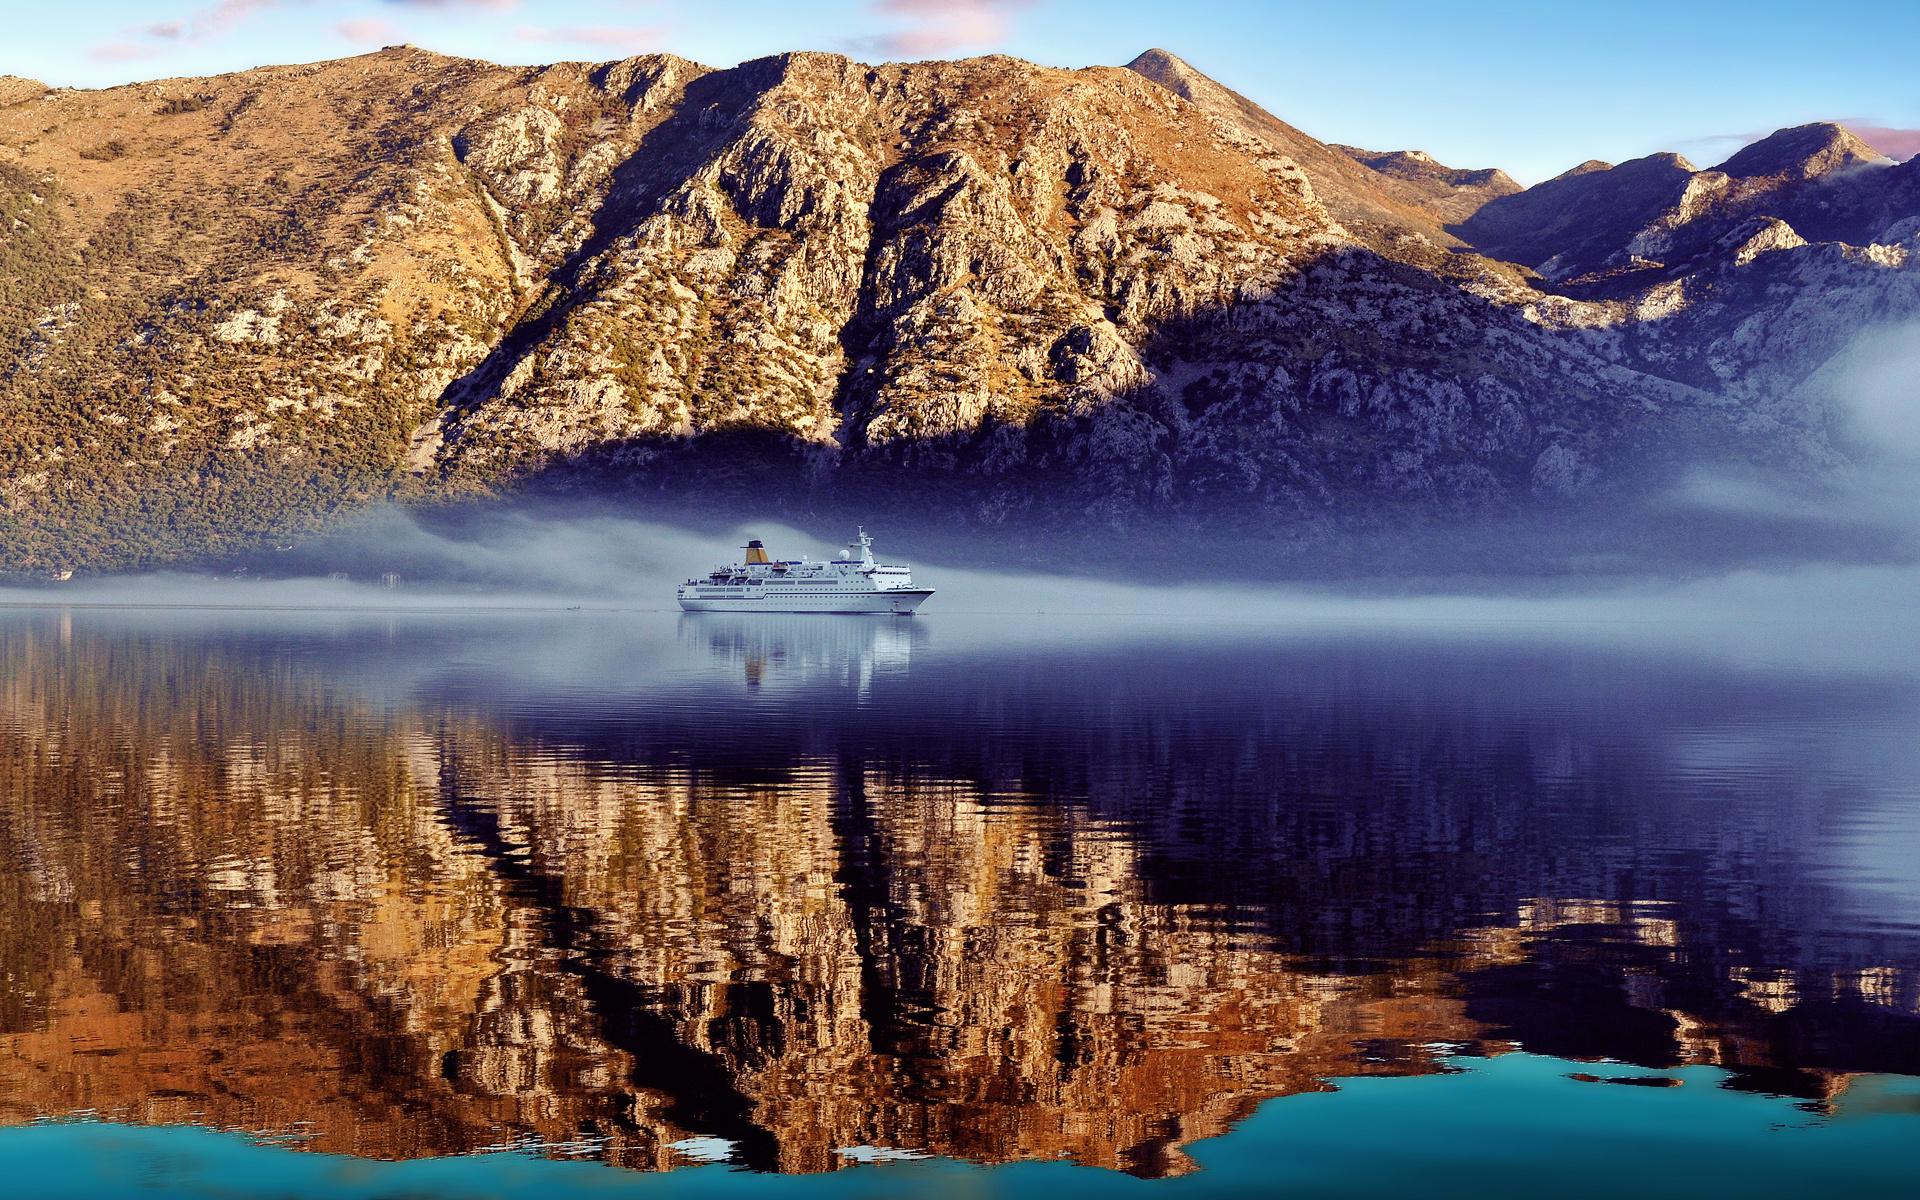 43970 Заставки и Обои Корабли на телефон. Скачать Пейзаж, Природа, Горы, Корабли картинки бесплатно